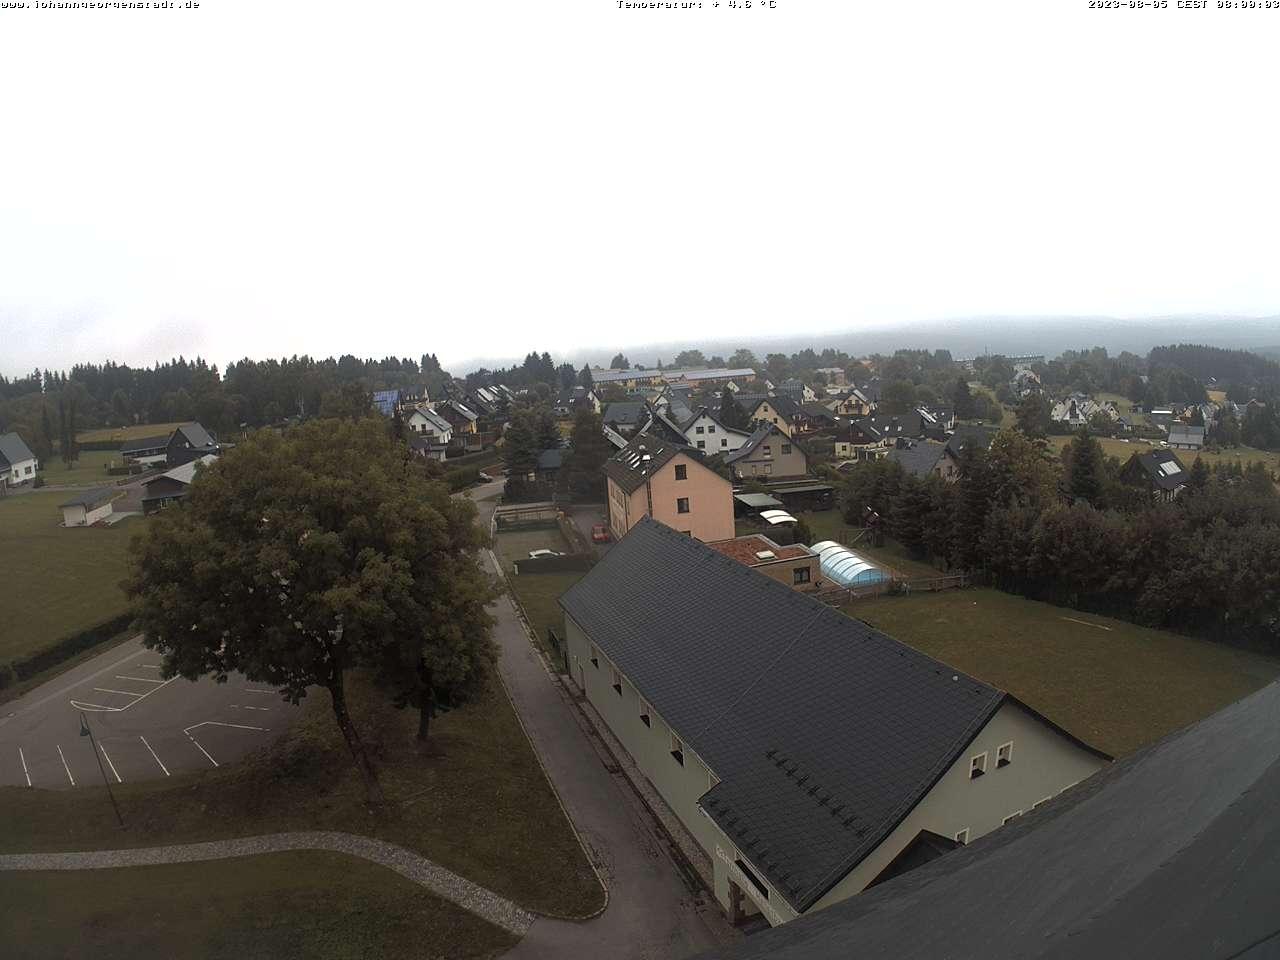 Webcam Skigebiet Johanngeorgenstadt Erzgebirge